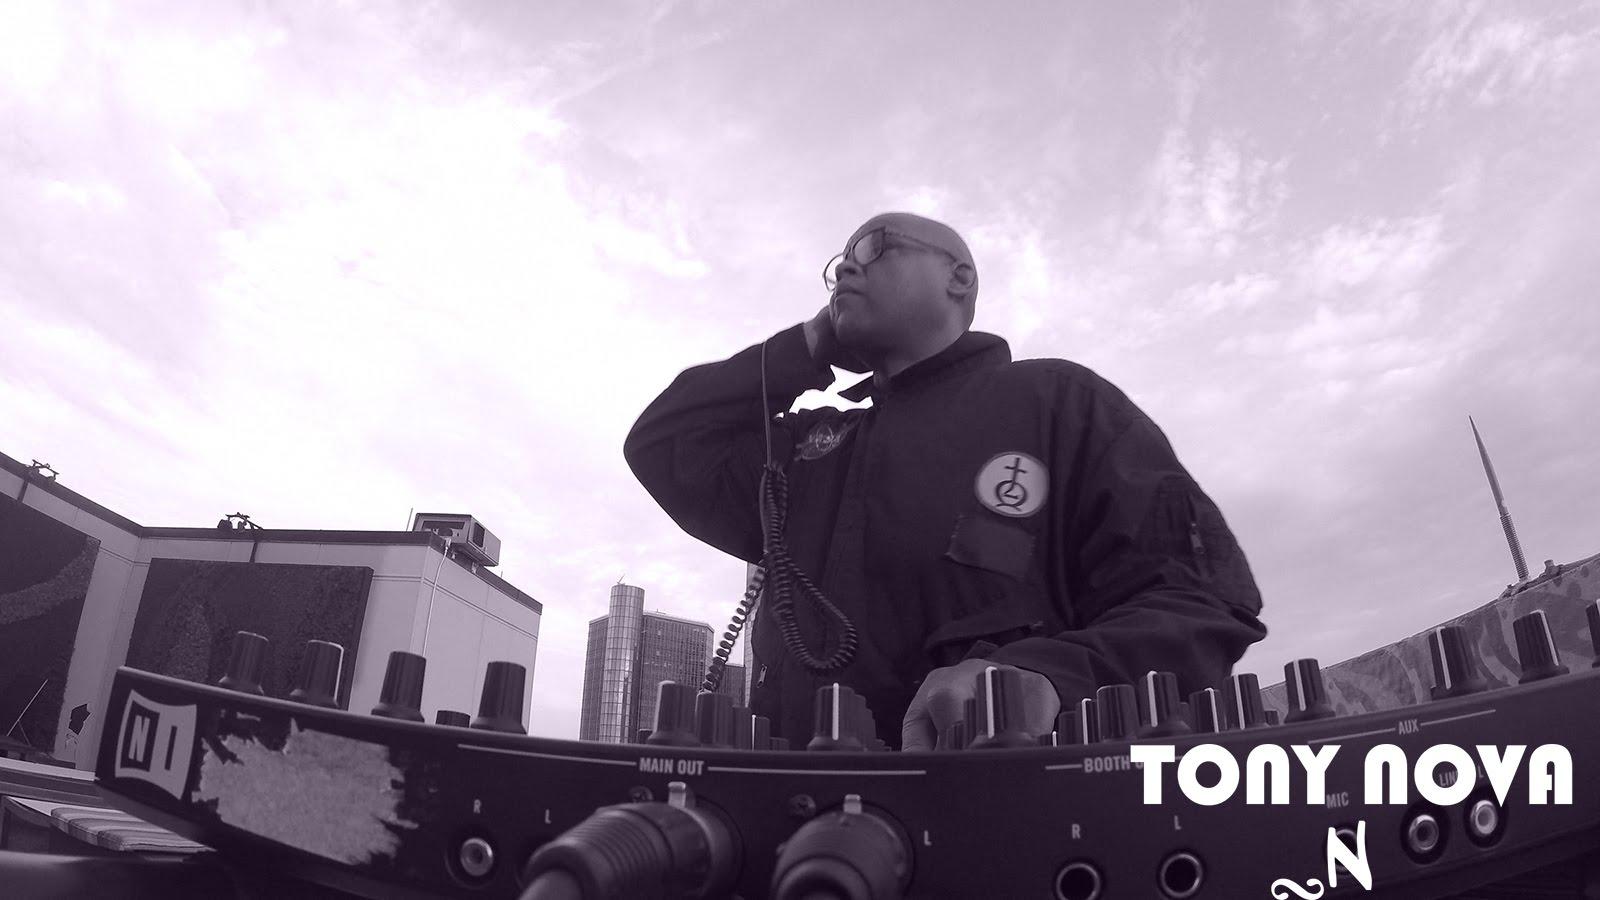 Tony nova dj mix live stream house music detroit techno for Detroit house music